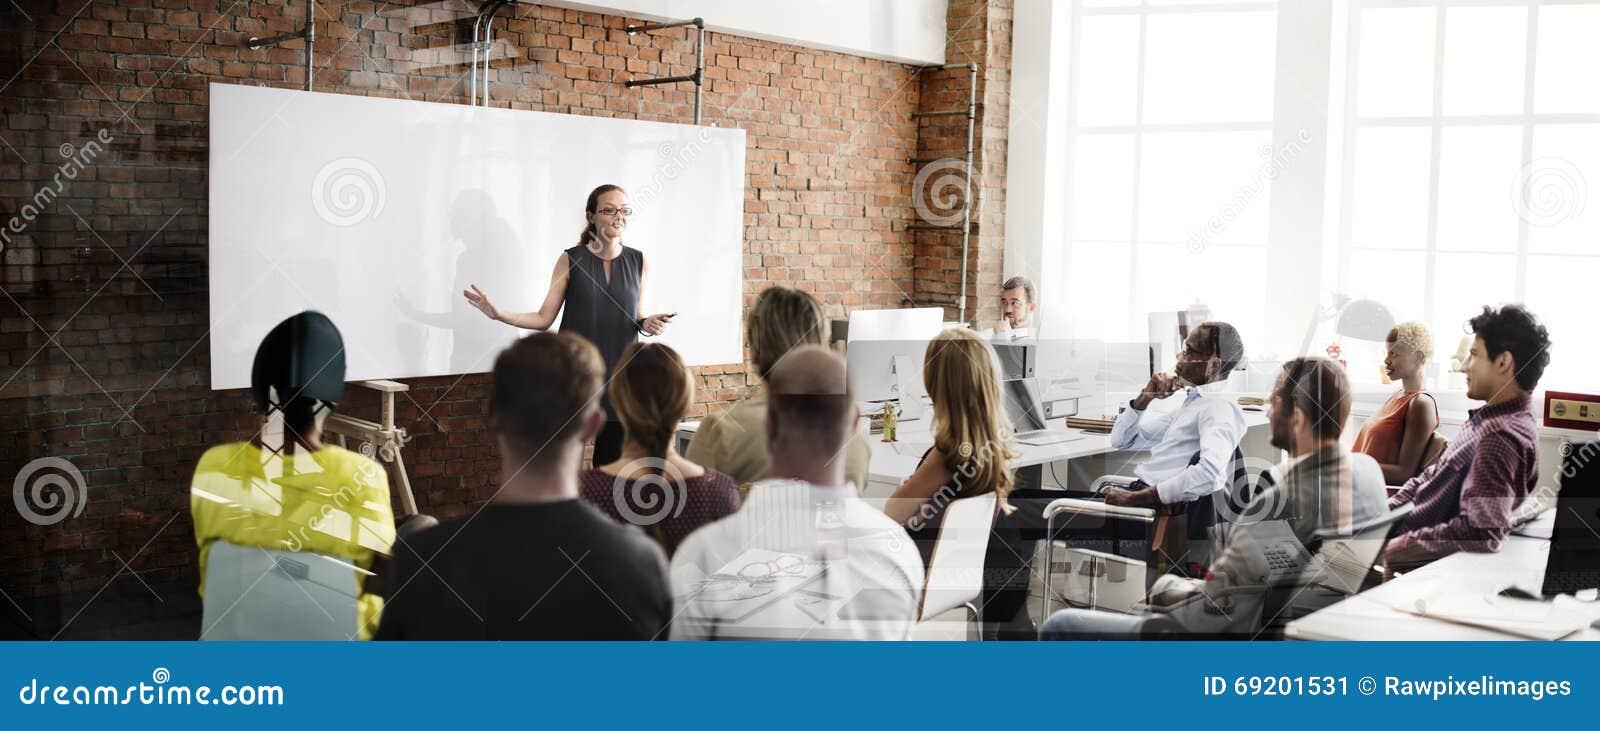 Έννοια συνεδρίασης του σεμιναρίου επιχειρησιακής στρατηγικής κατάρτισης